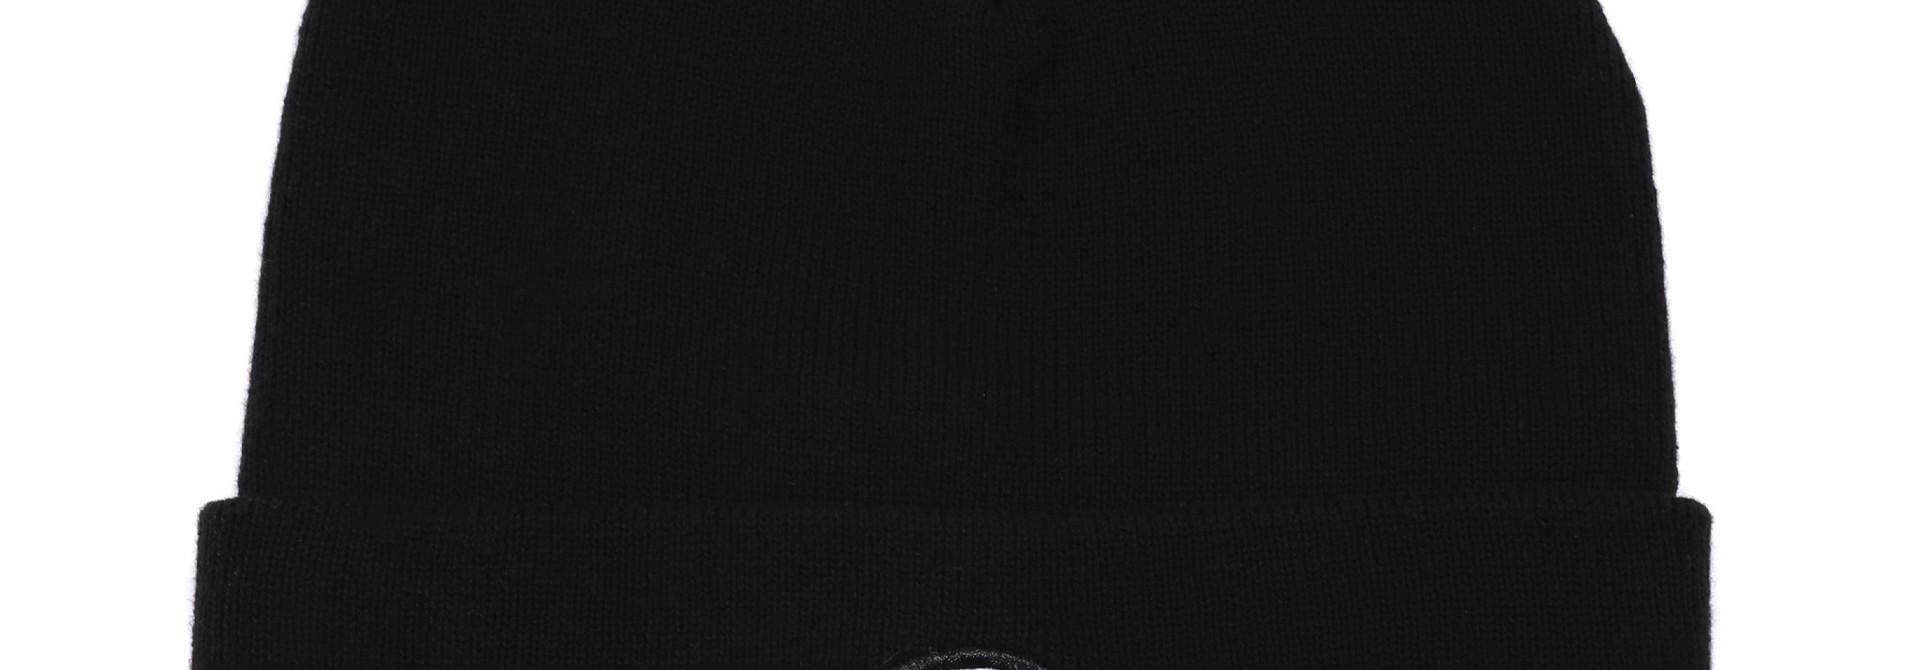 Tuque bébé en tricot Noire